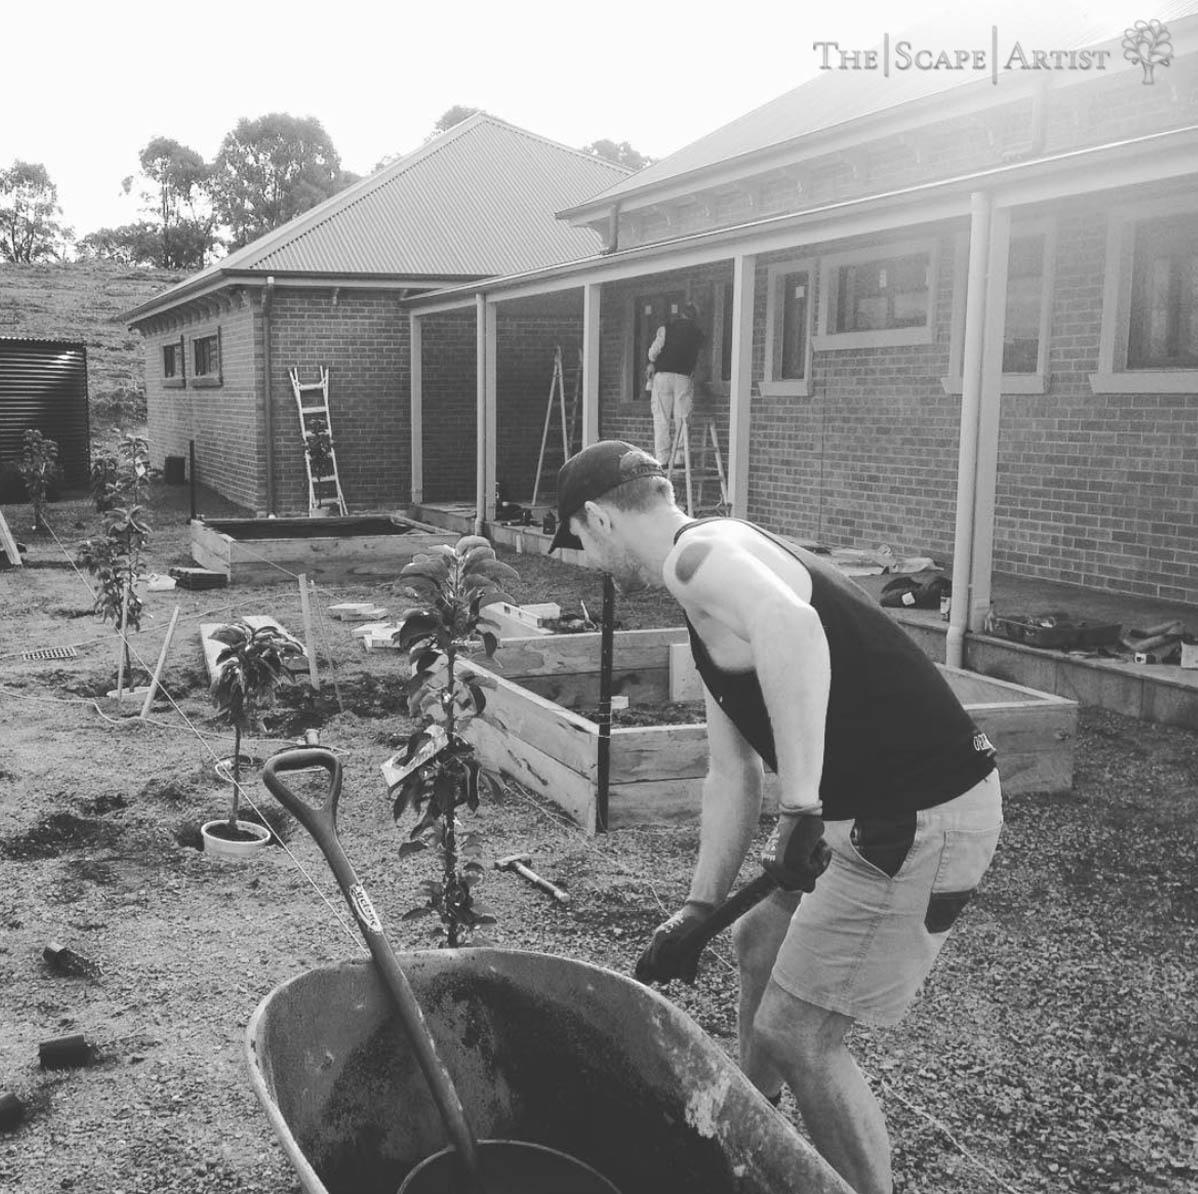 landscaper_ballarat_clunes-daylesford-hepburn_garden-maintenance-01.jpg